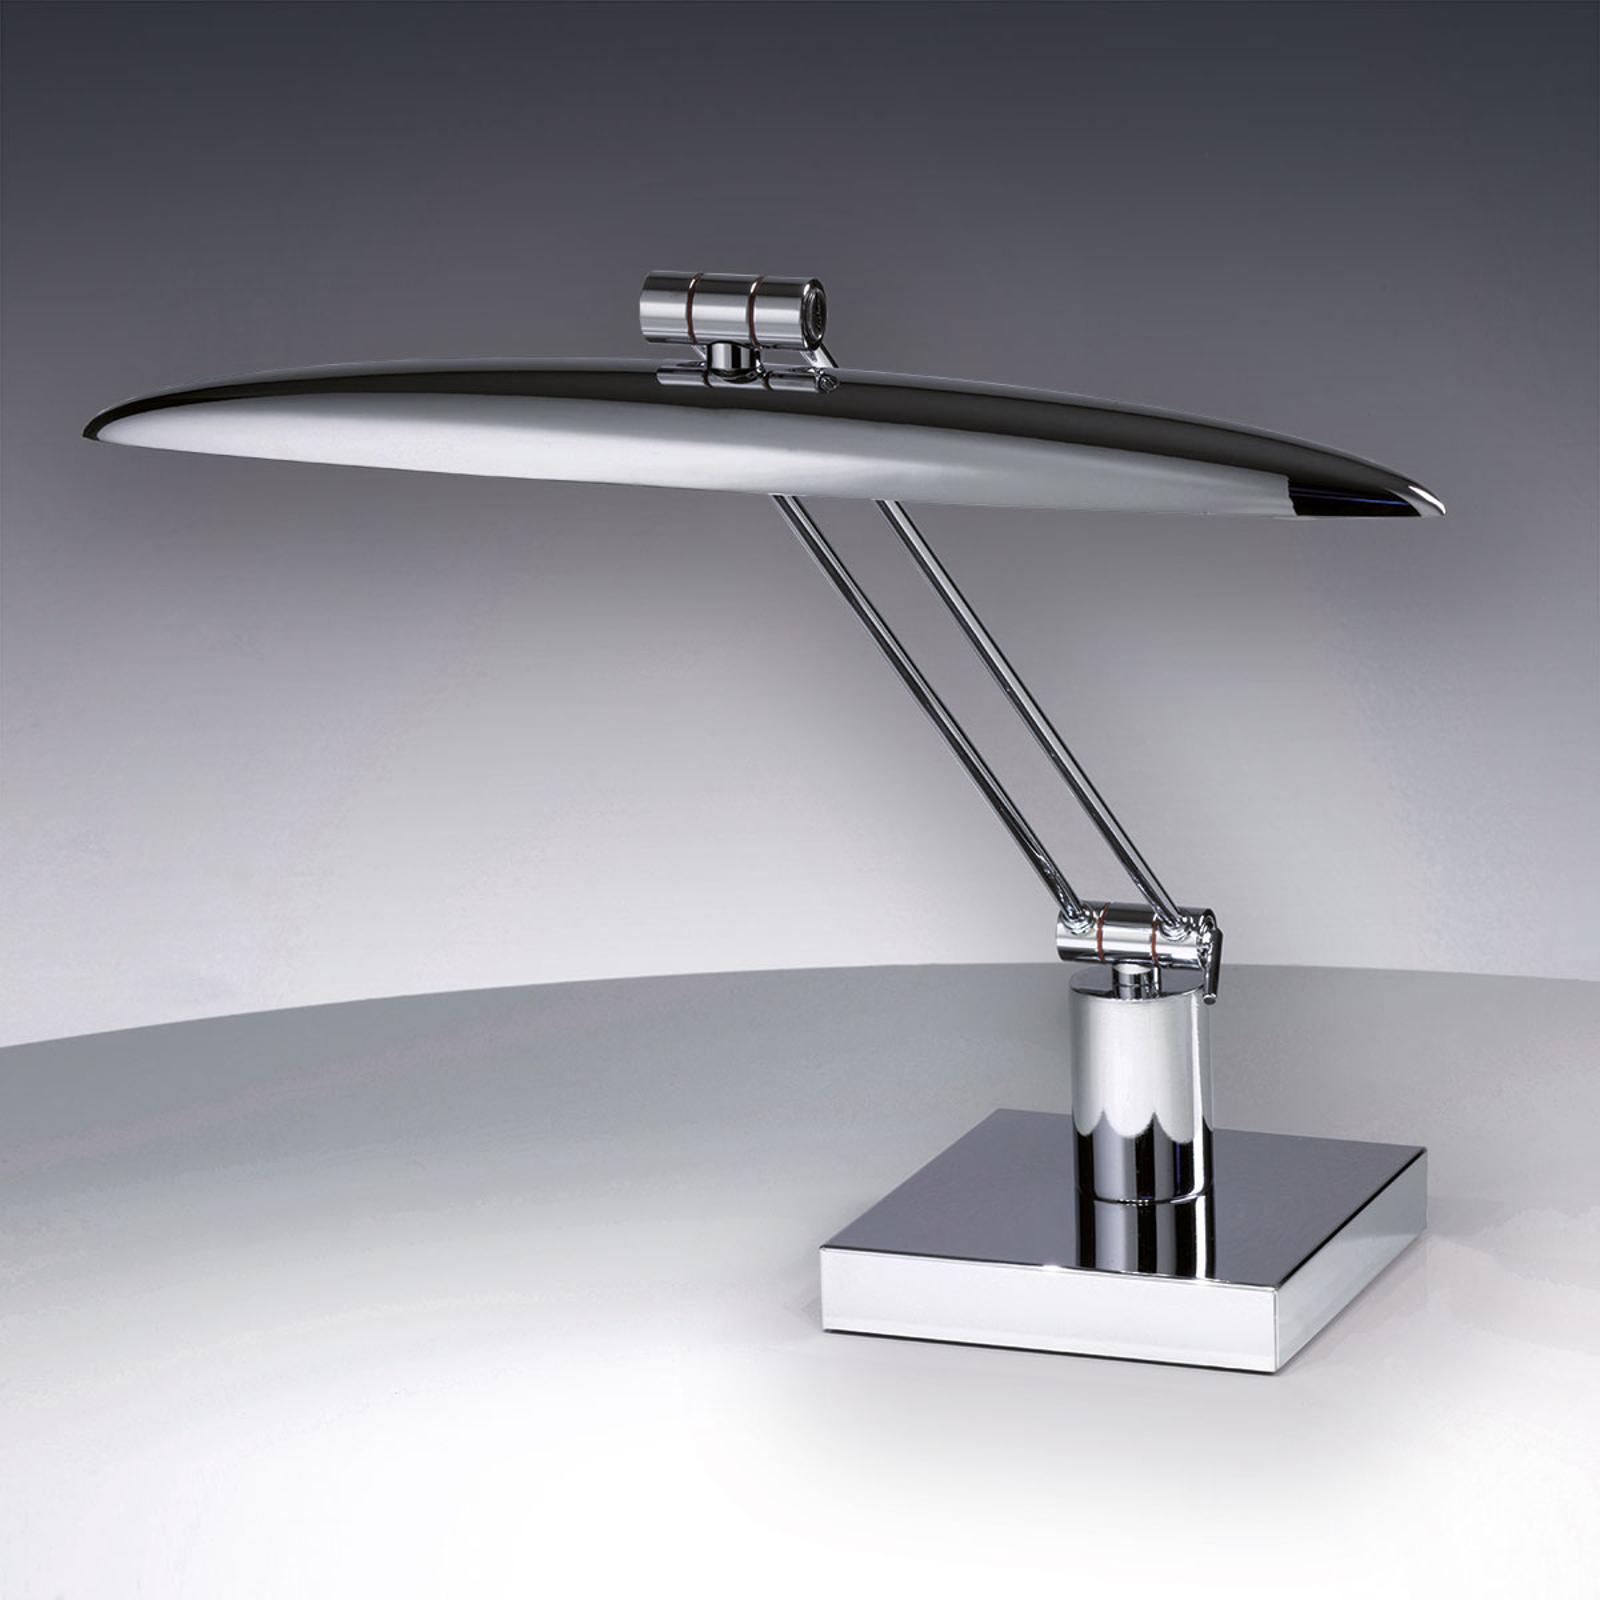 Lampa stołowa - do czytania LED Anabella chrom